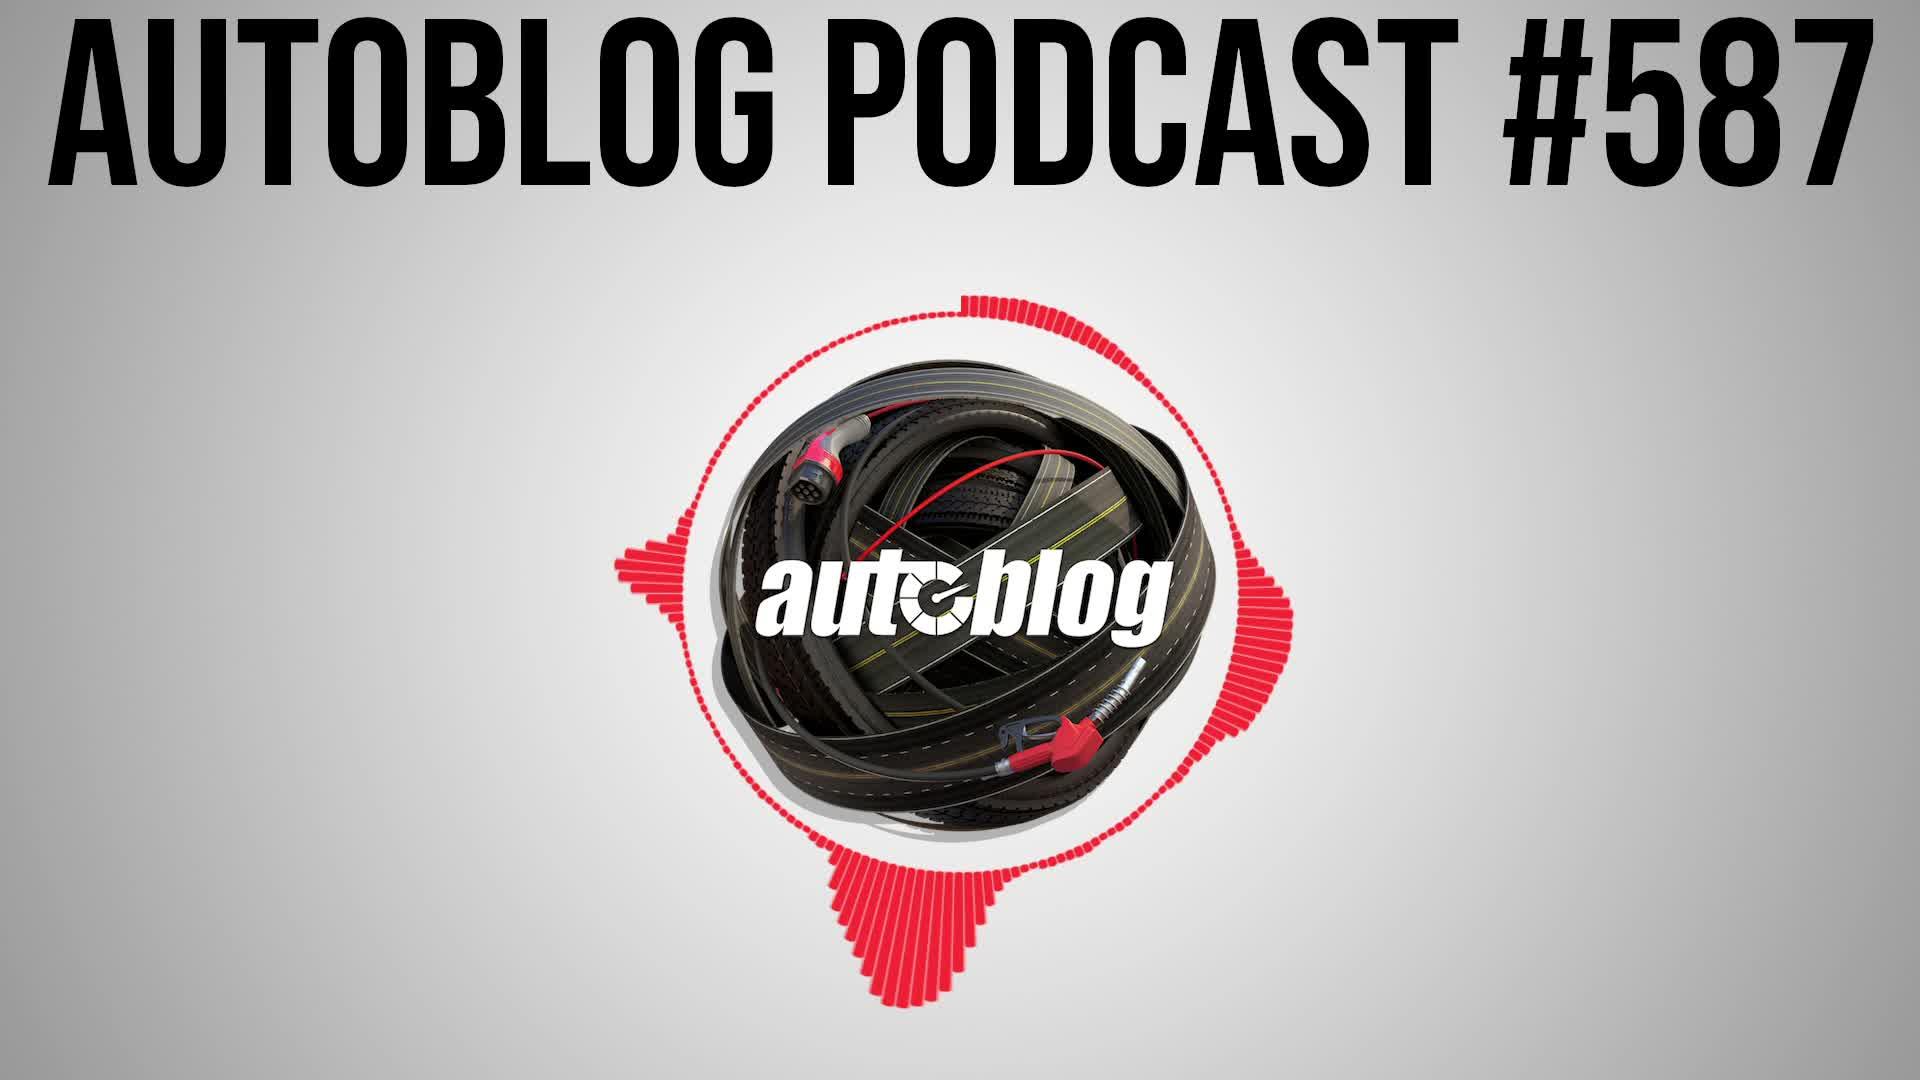 Honda E, Shelby GT500 and BMW X5 | Autoblog Podcast #587